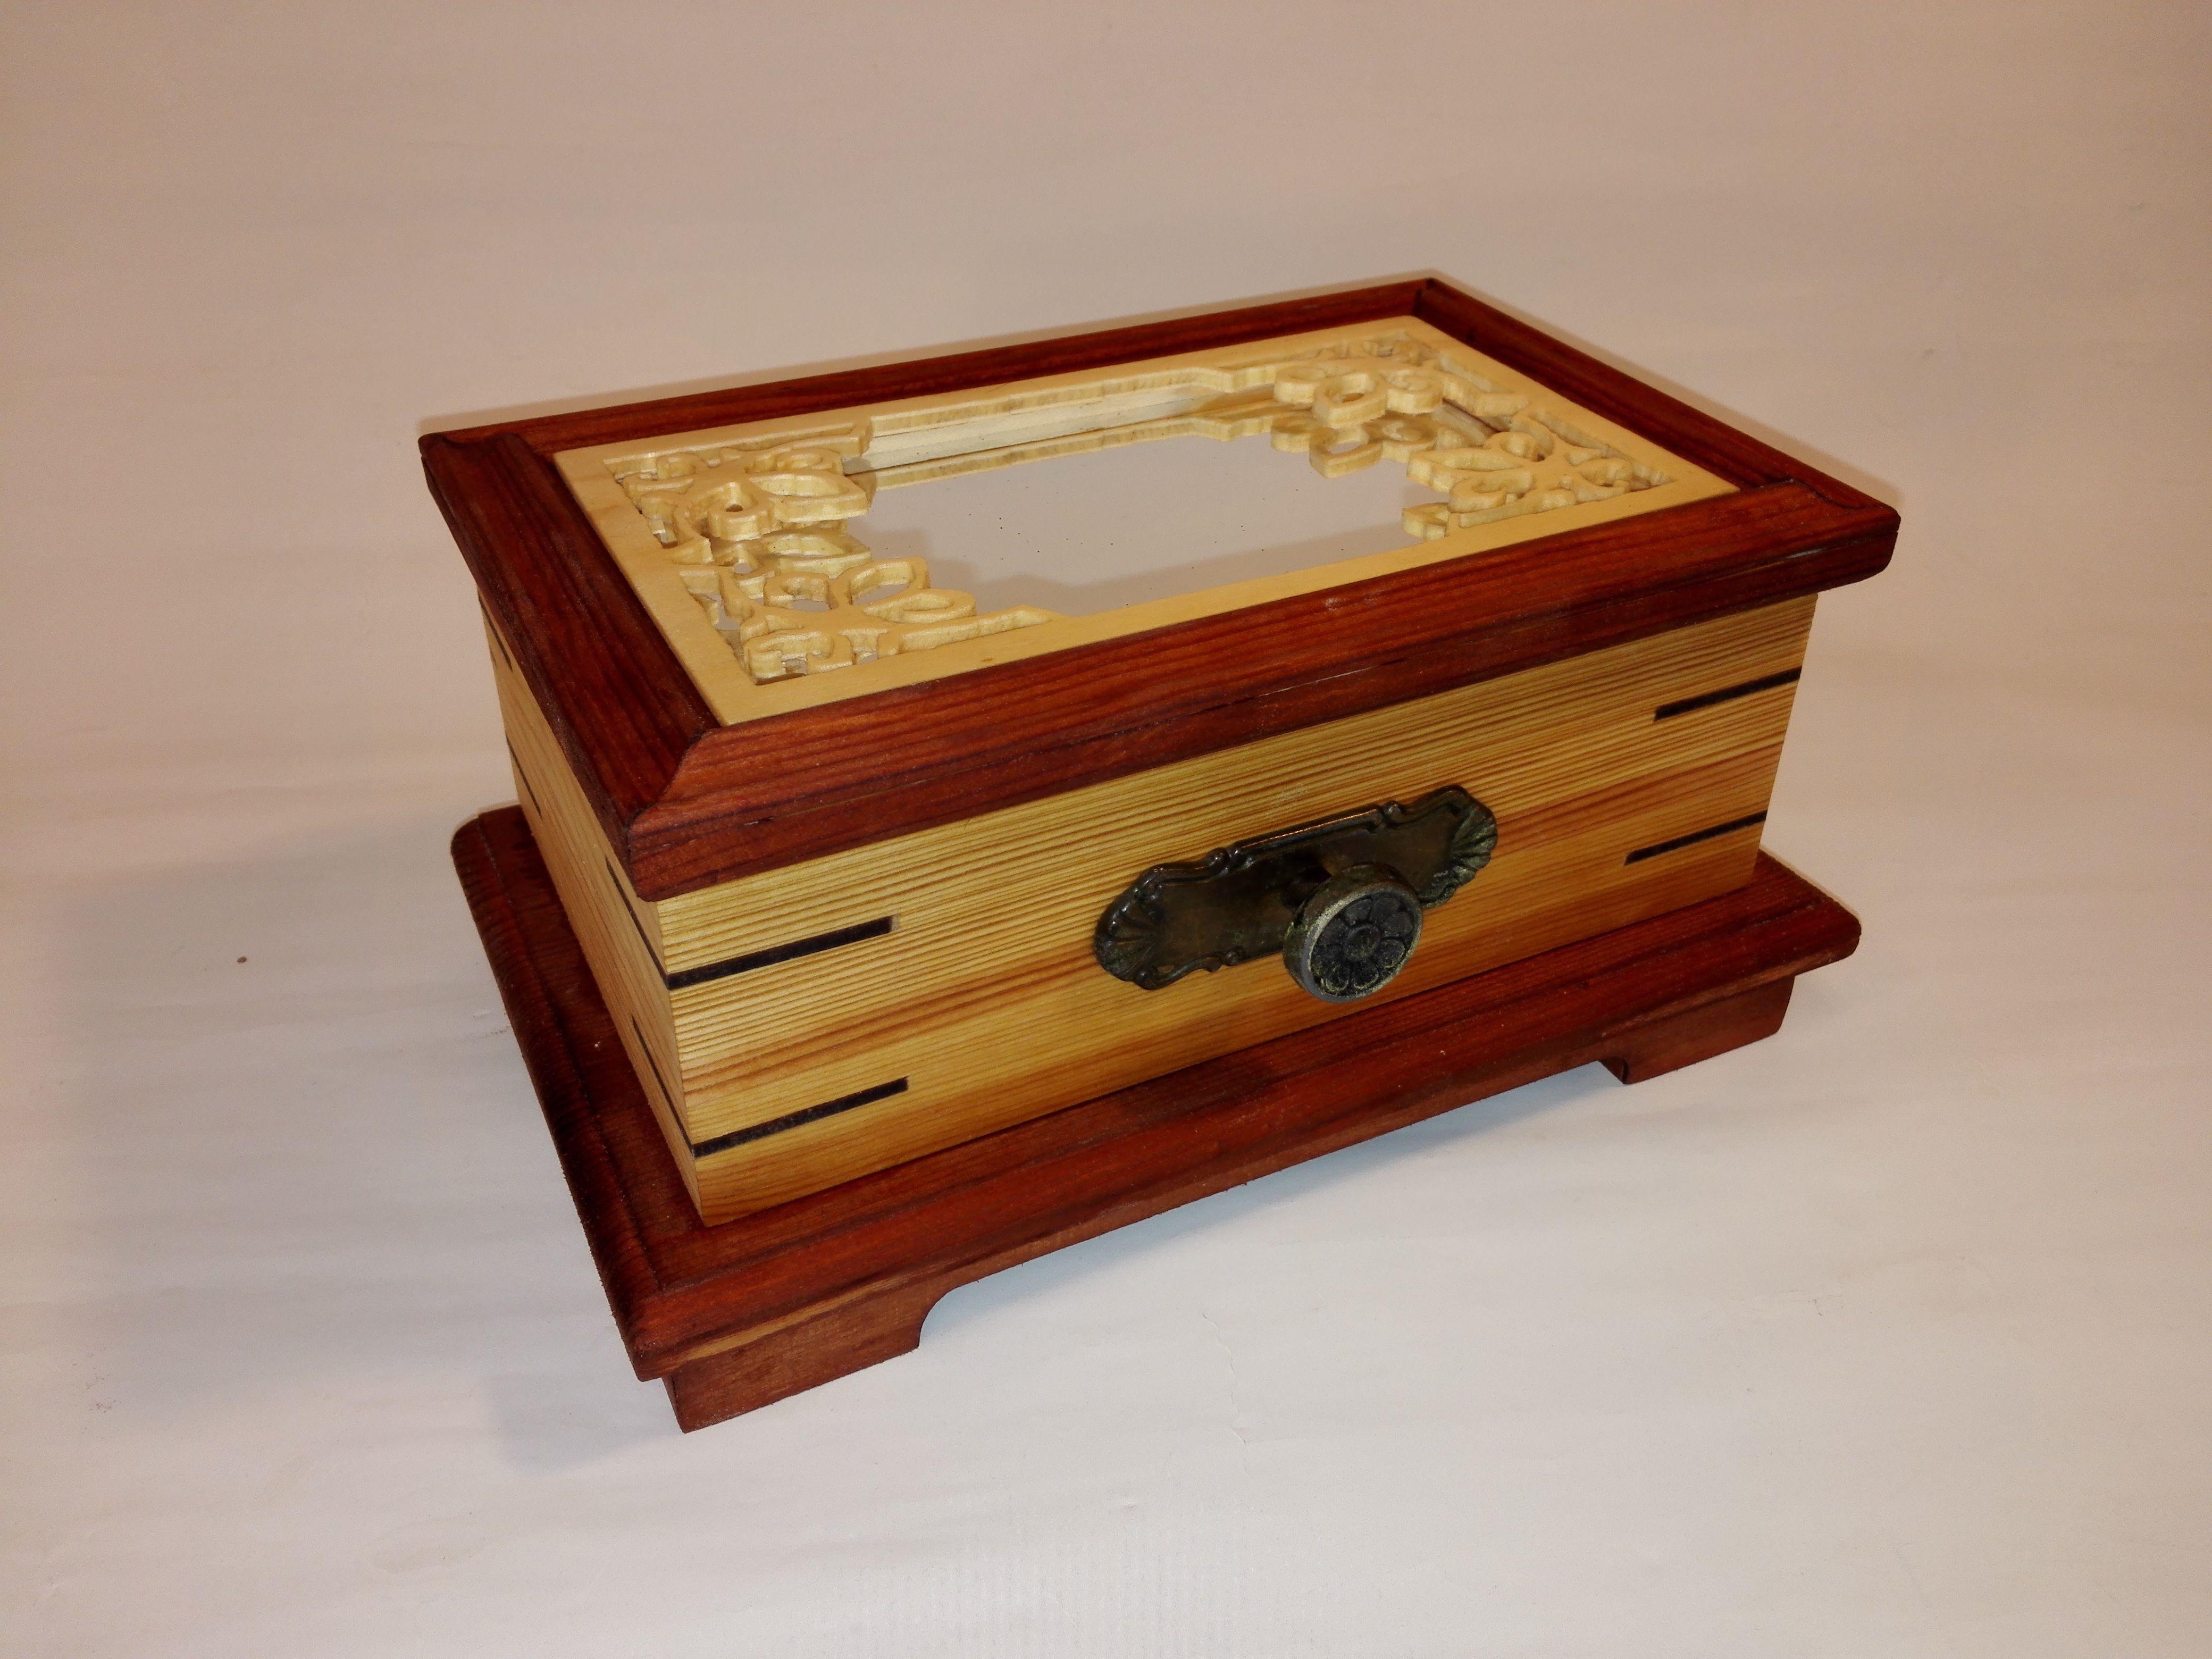 schmuckk stchen bauanleitung zum selber bauen heimwerker forum boxes pinterest schmuck. Black Bedroom Furniture Sets. Home Design Ideas